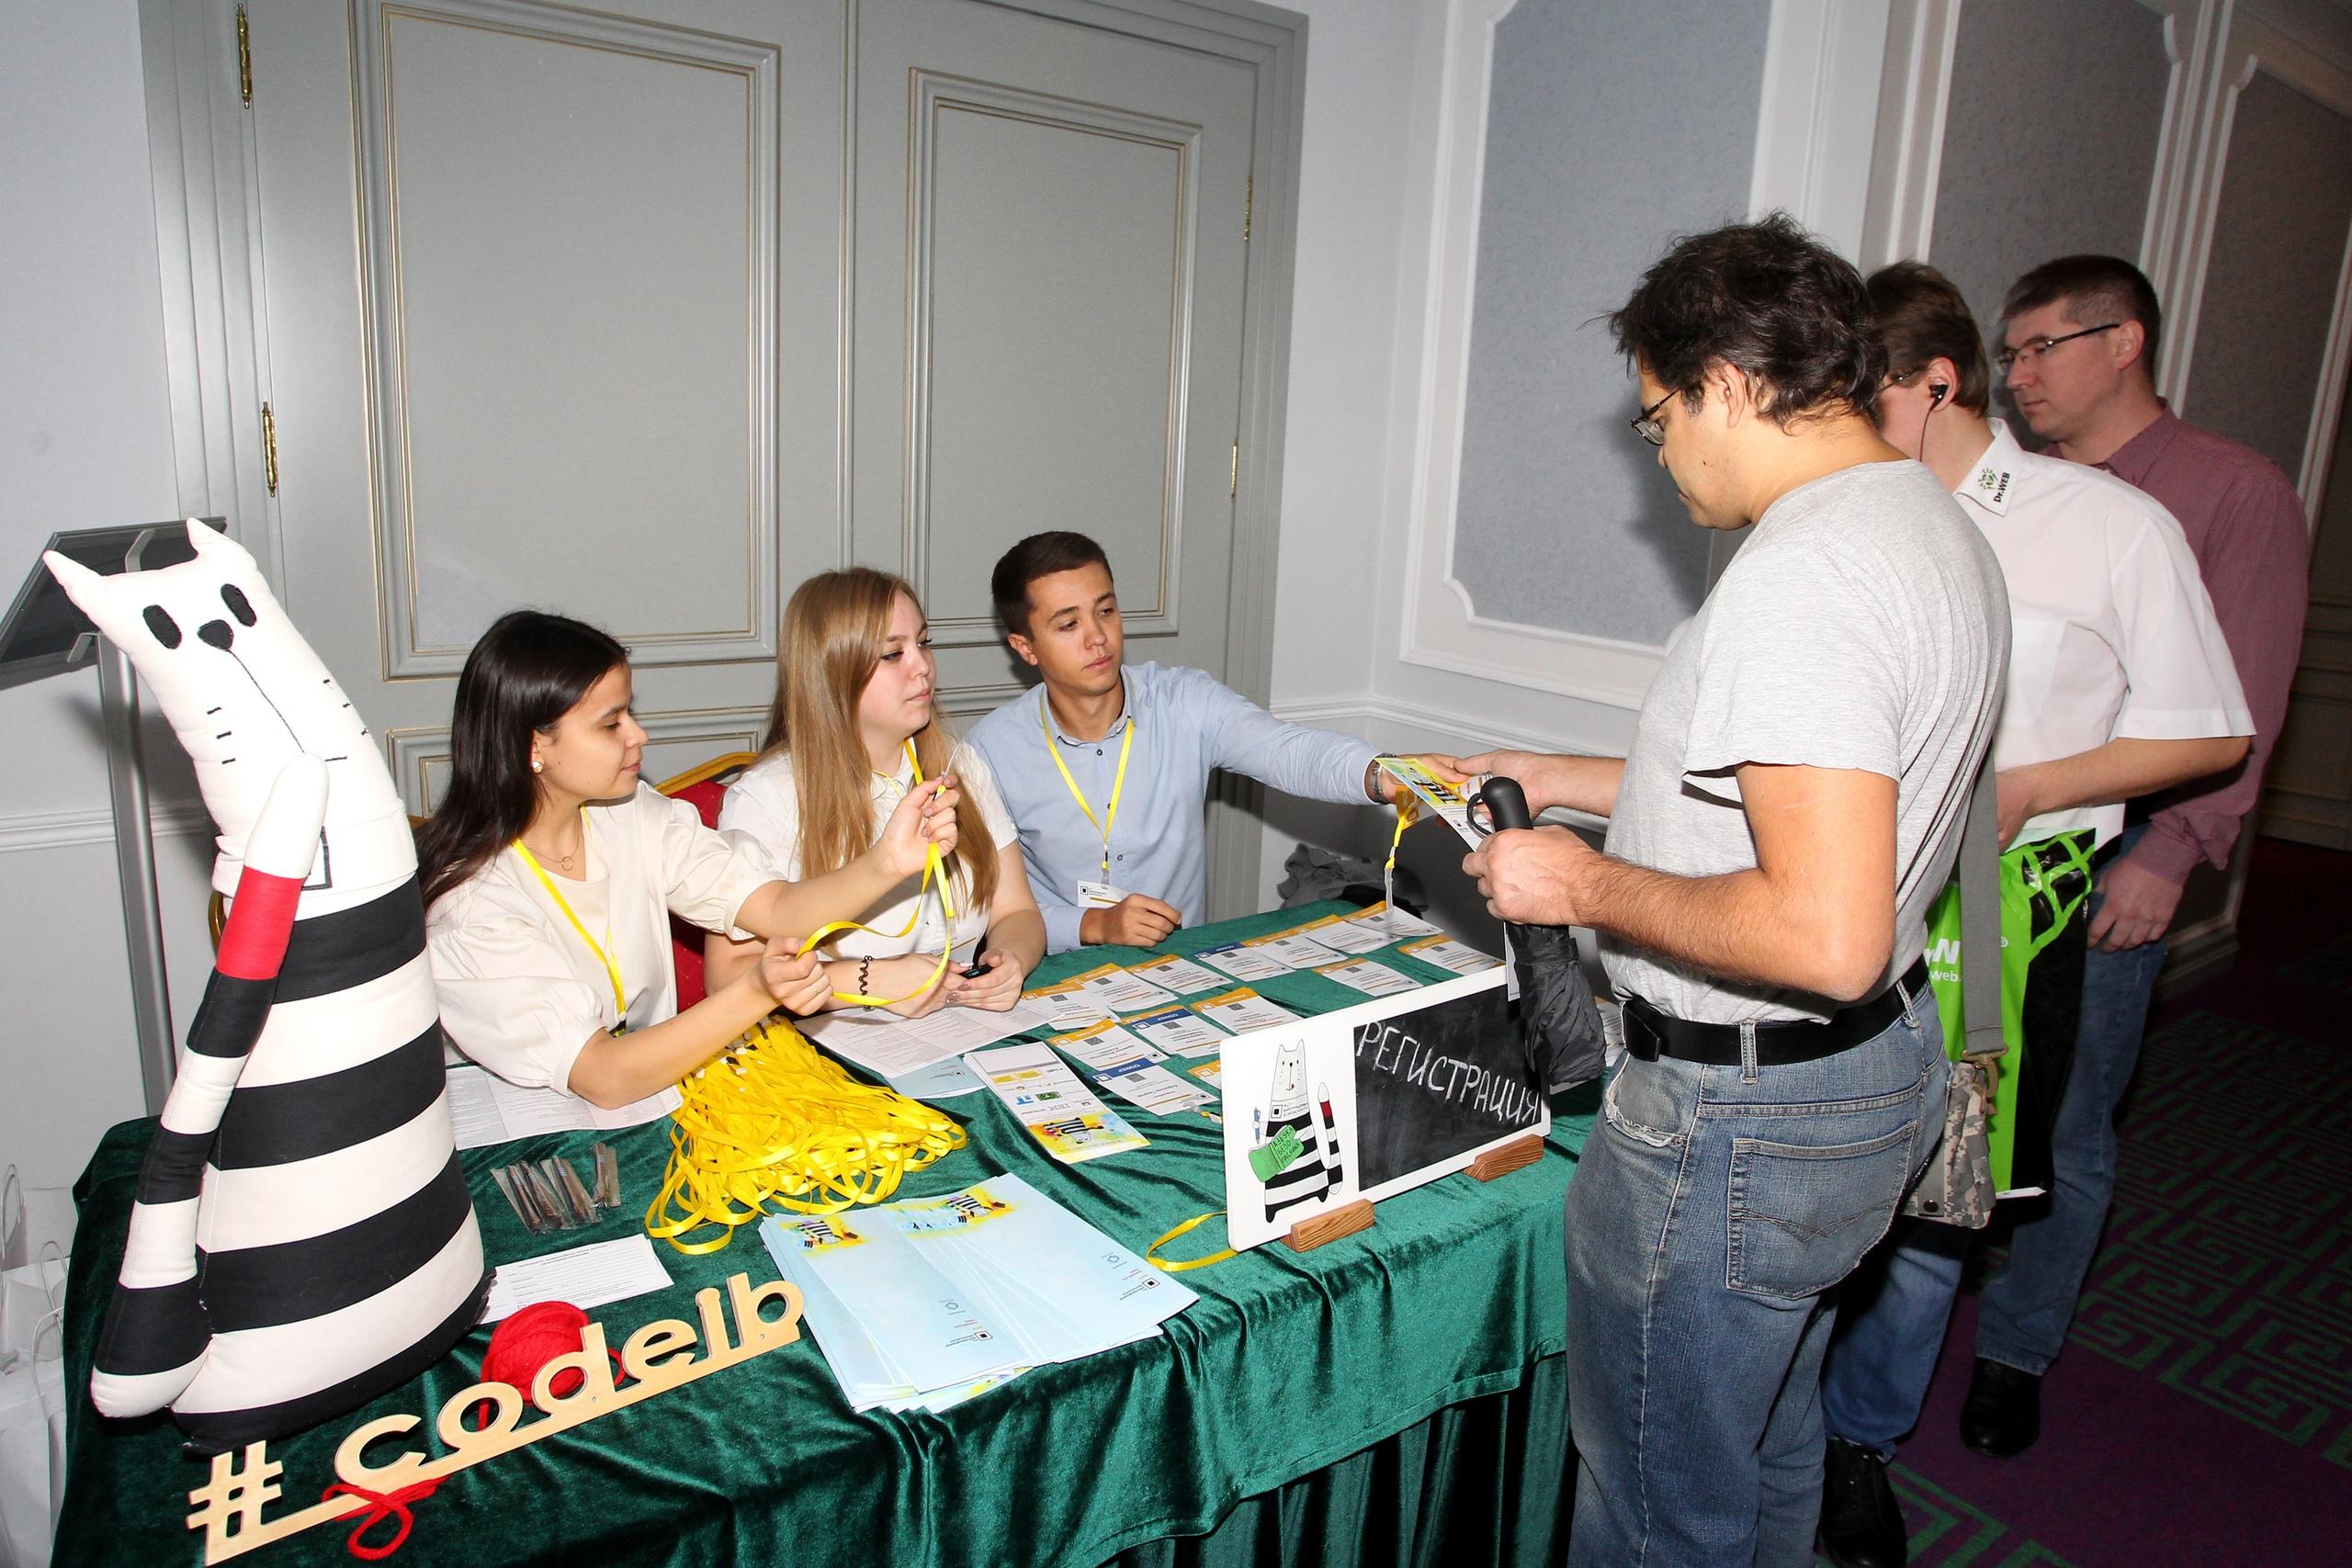 Технологии будущего в информационной безопасности обсудят эксперты Кода ИБ в столице Татарстана